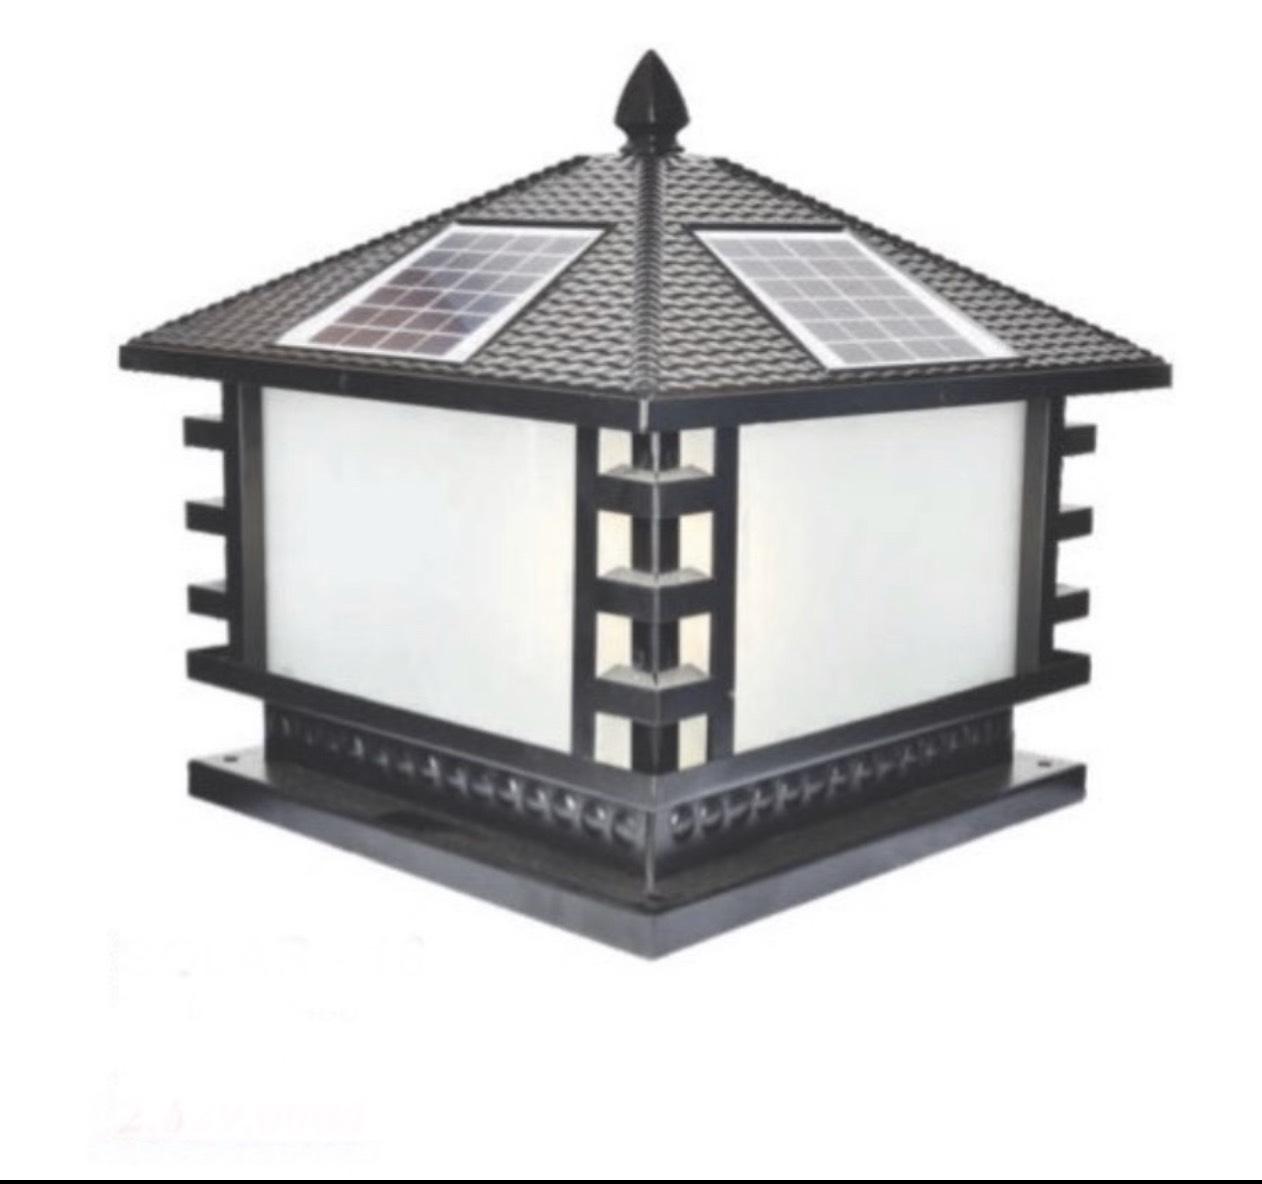 Đèn trụ cổng năng lượng mặt trời CT1 Solar-16  L400xH350